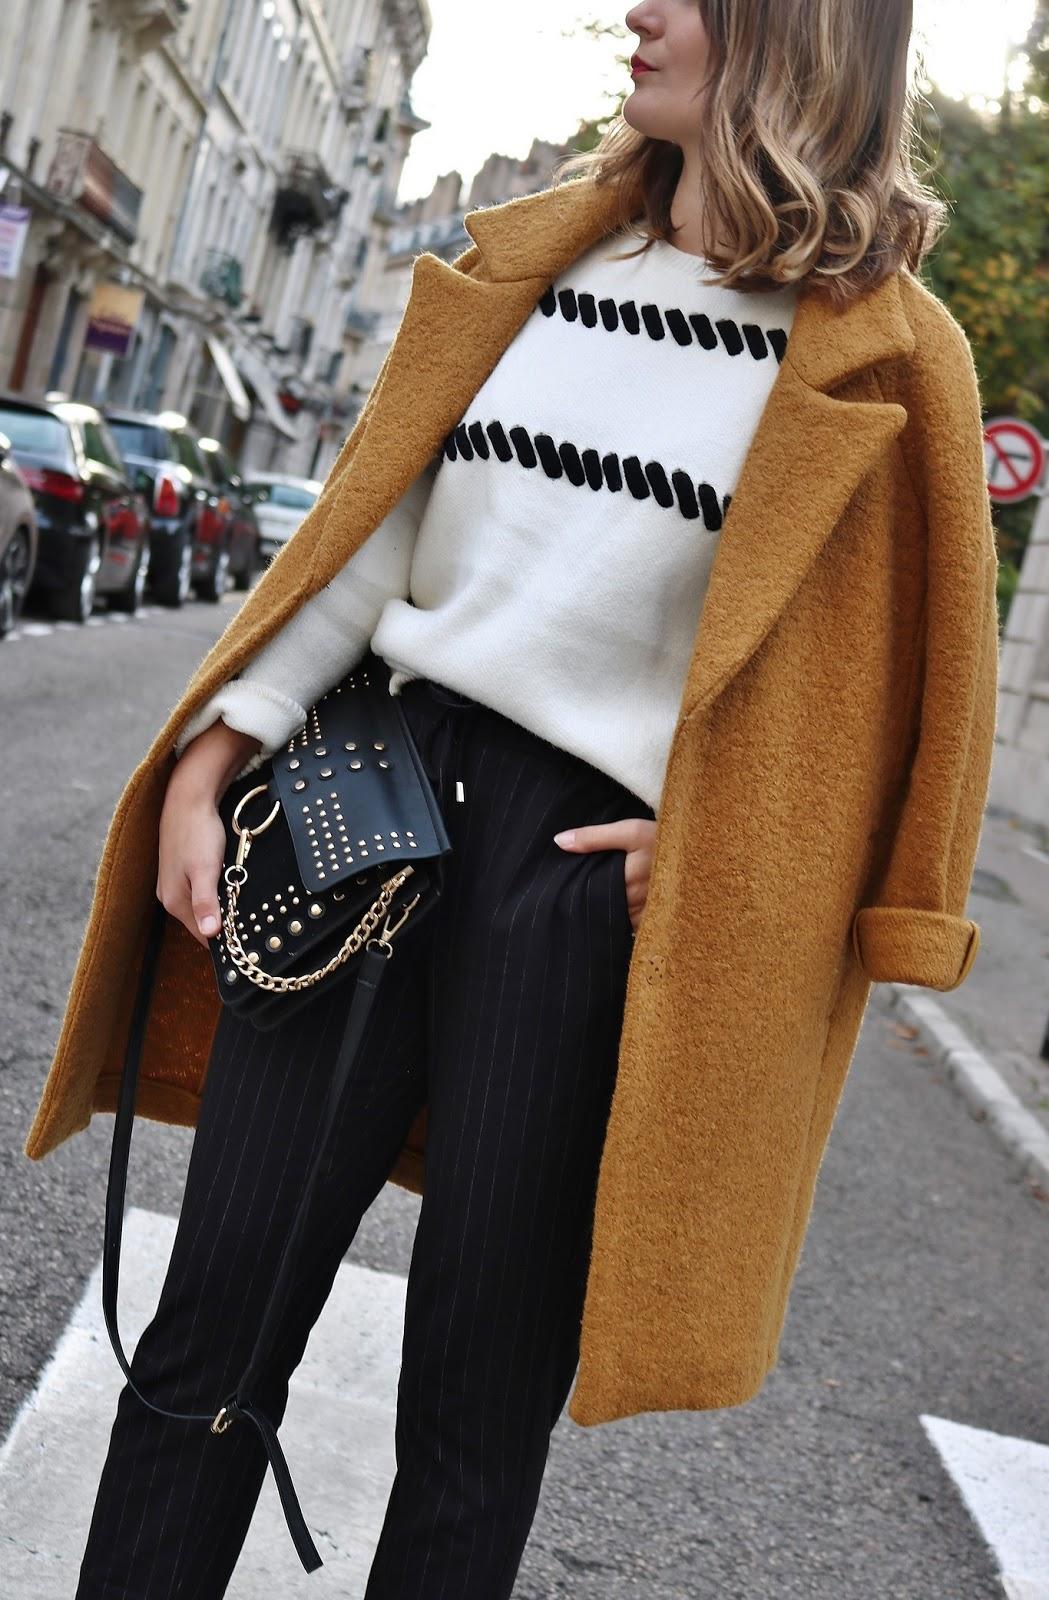 pauline-dress-blog-mode-tenue-en-manteau-moutarde-hiver-automne-2017-pull-jogger